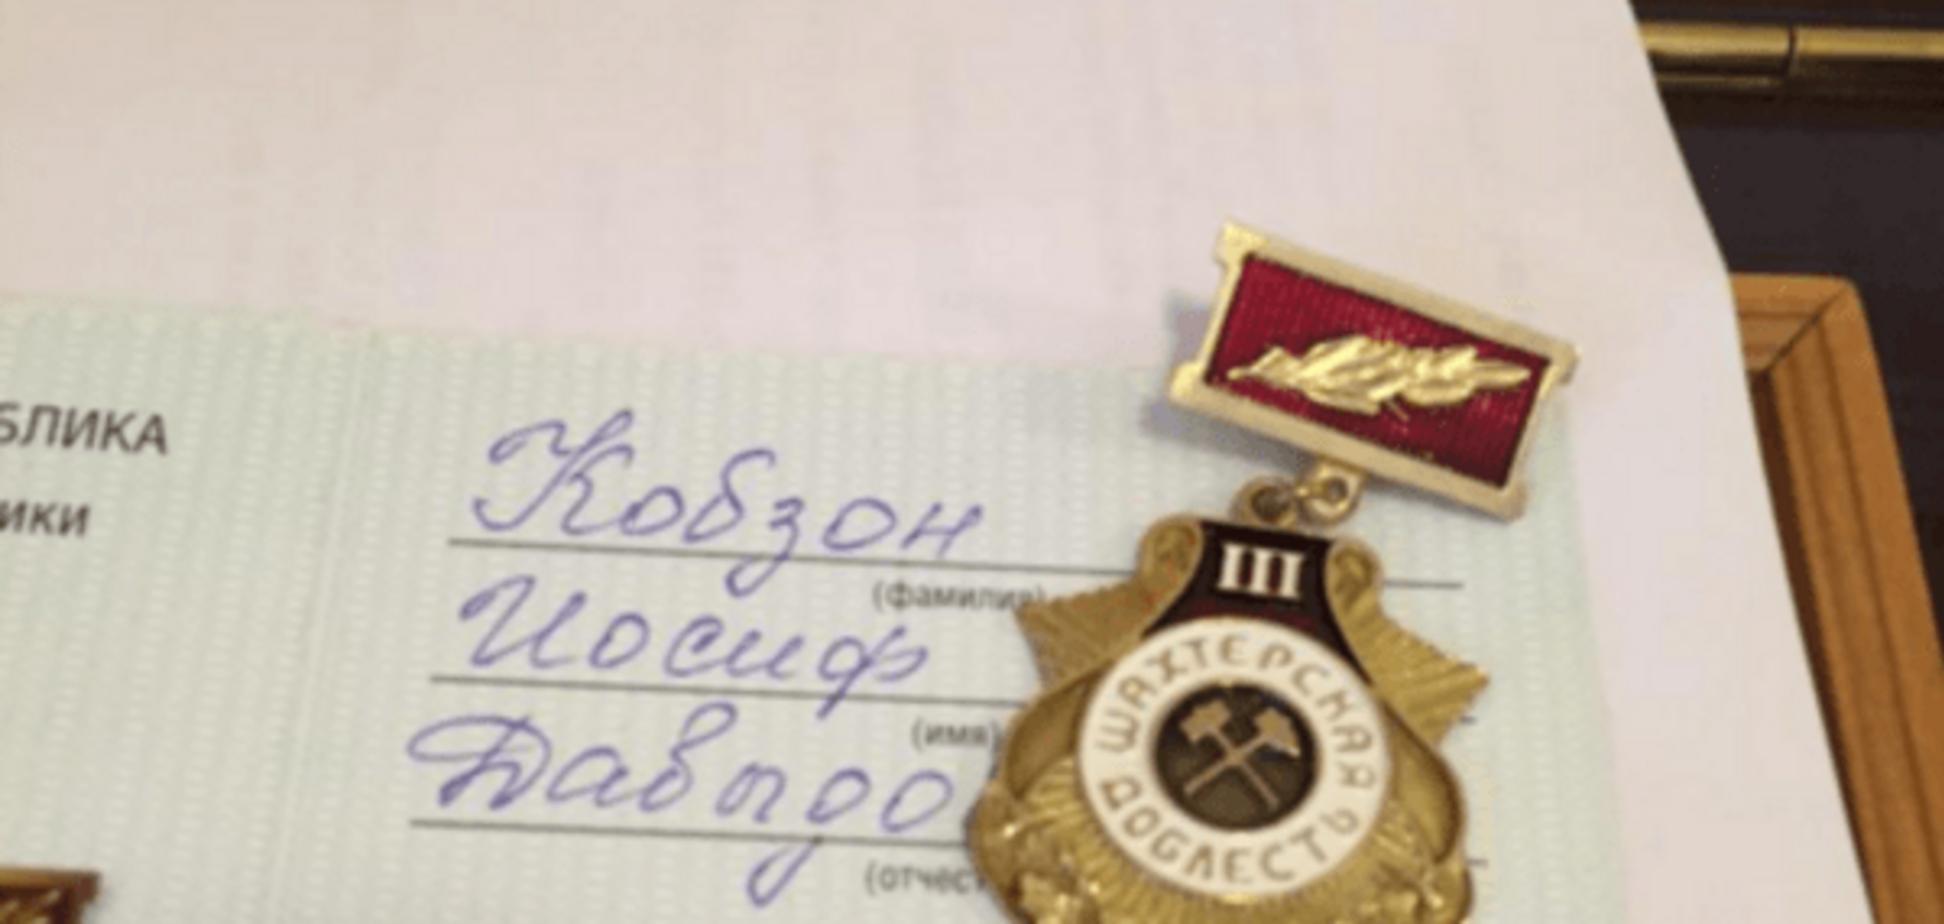 За 'заслуги'! Кобзон отримав від терористів 'ДНР' нагороду: фотофакт